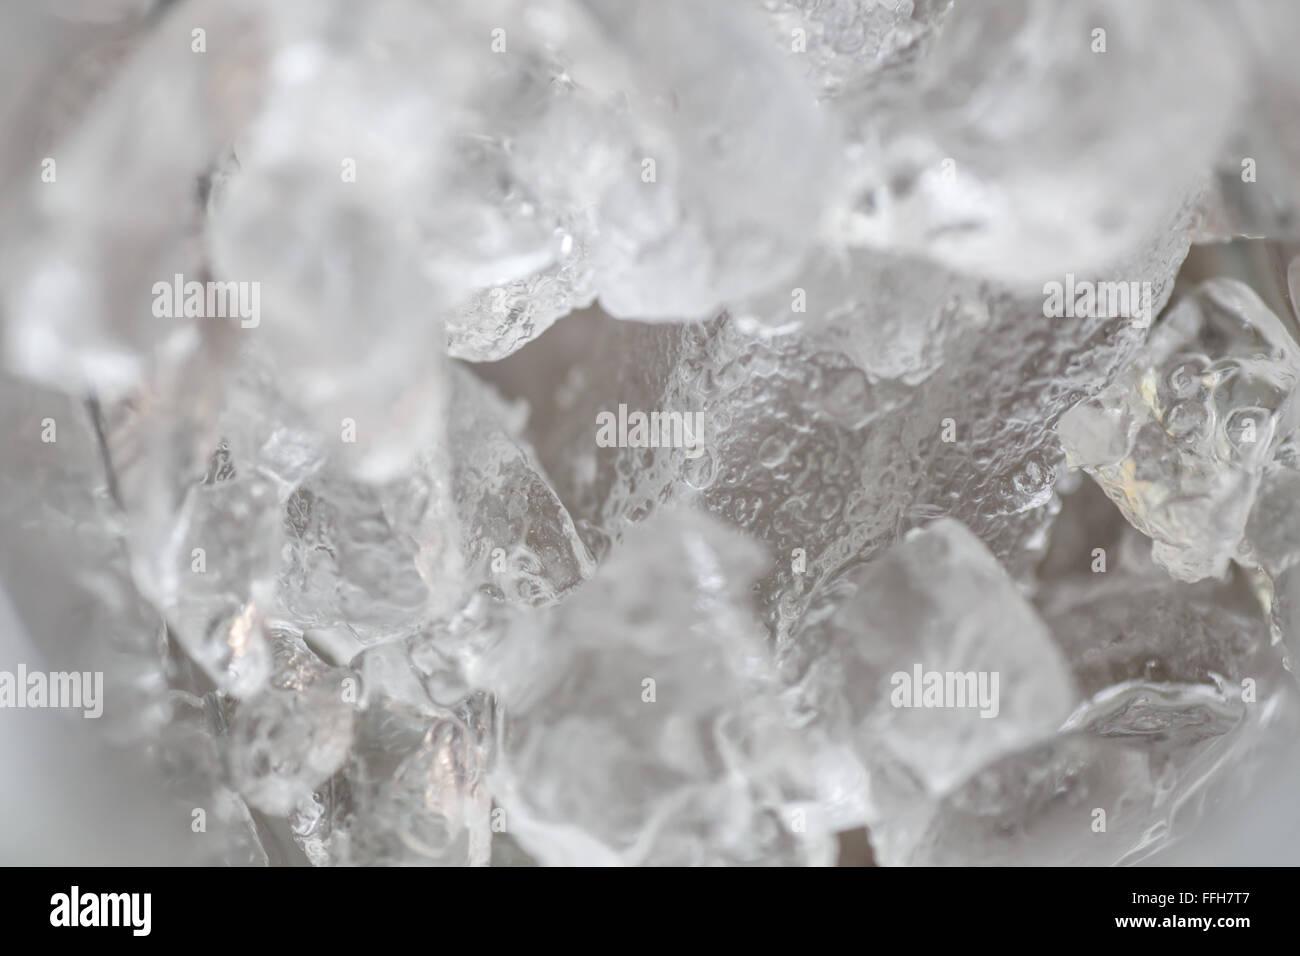 Eis auf Glas, detaillierte Fotografie von innen Stockbild